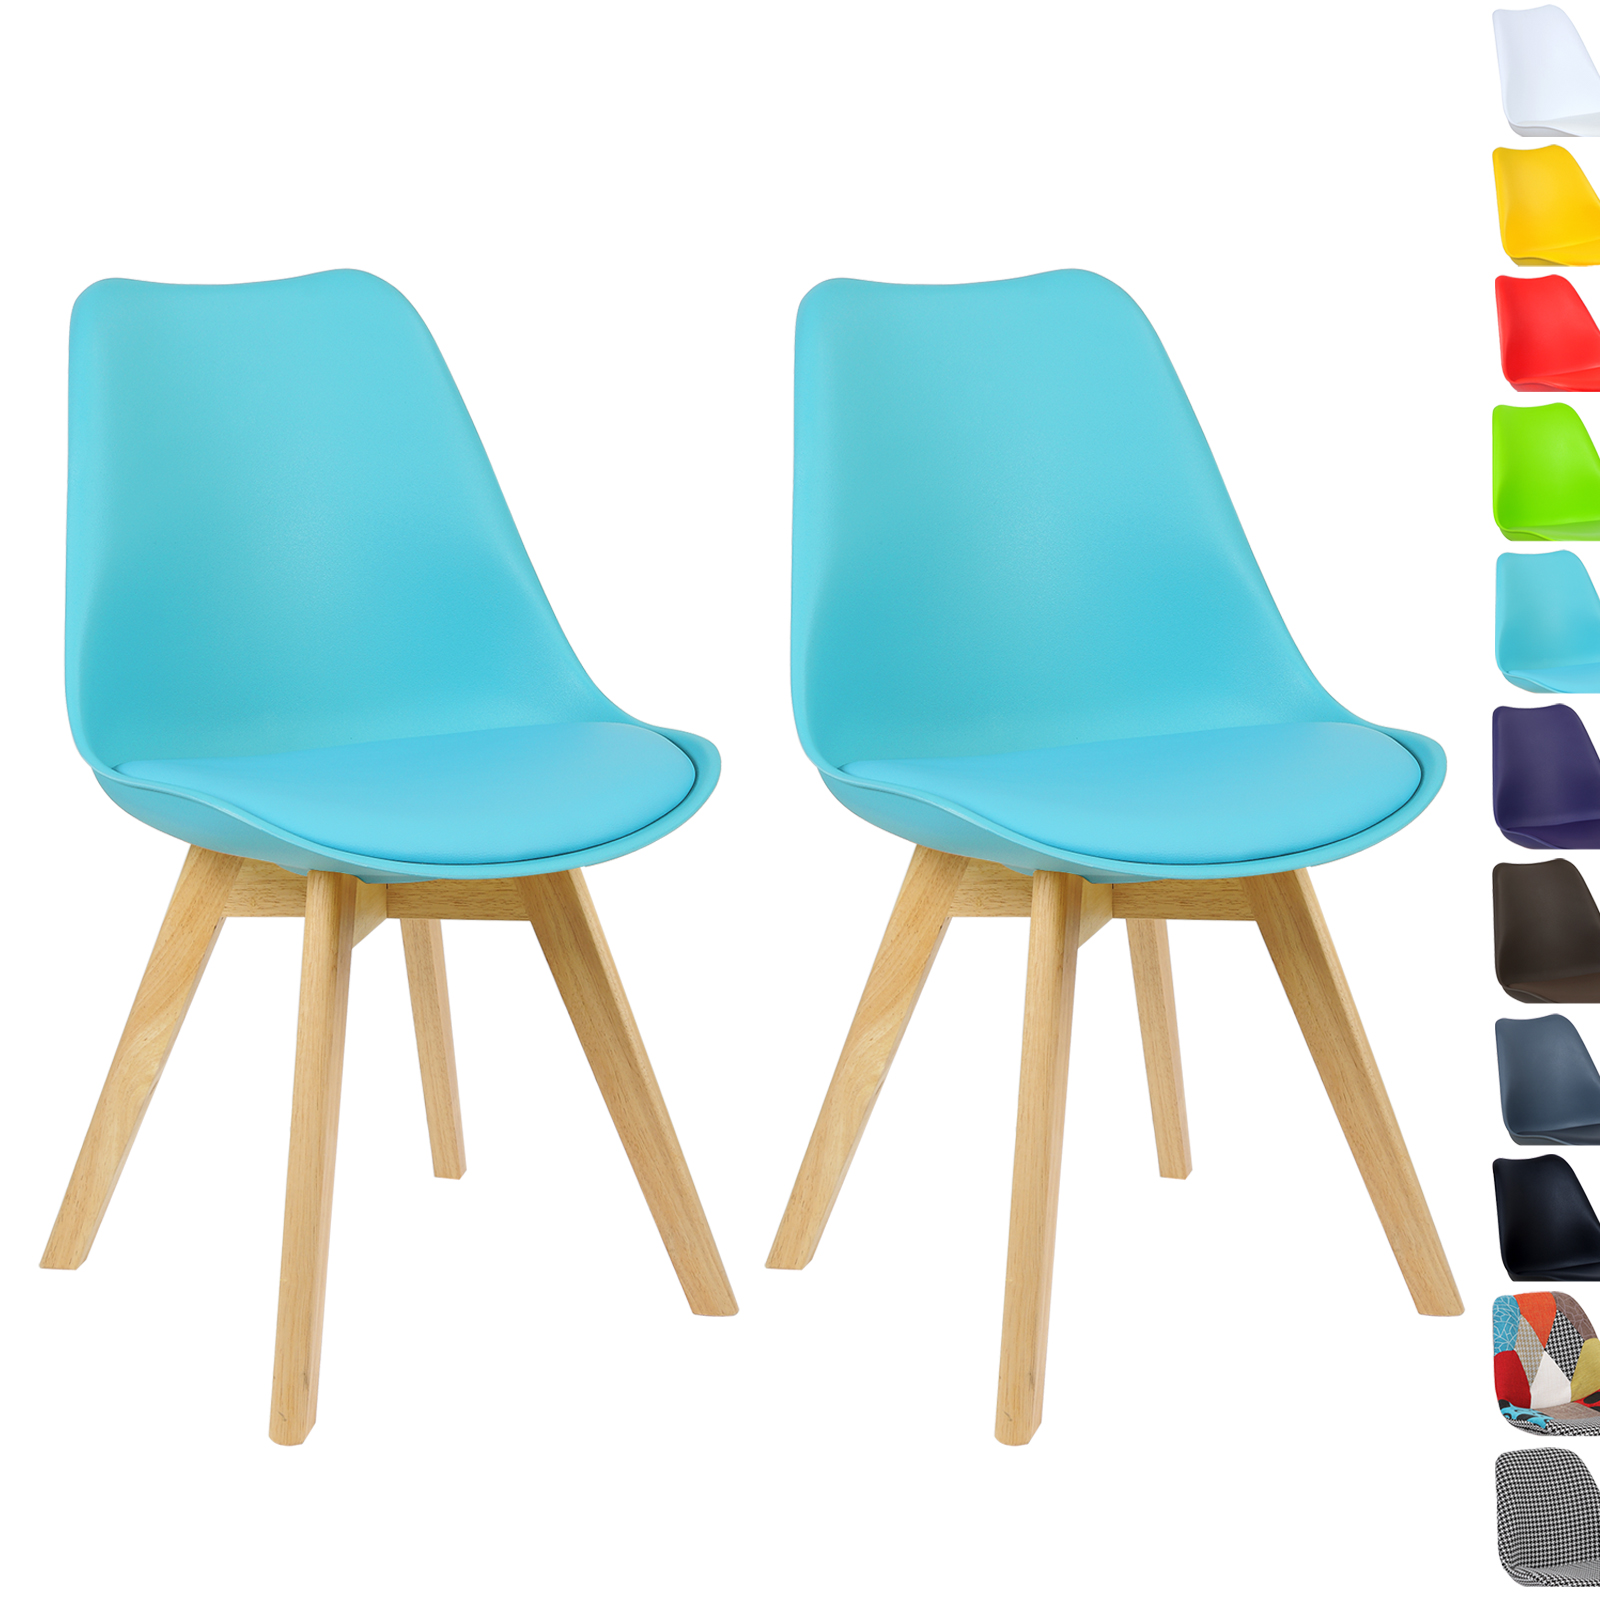 2er set esszimmerst hle esszimmerstuhl design stuhl for Stuhl design ebay